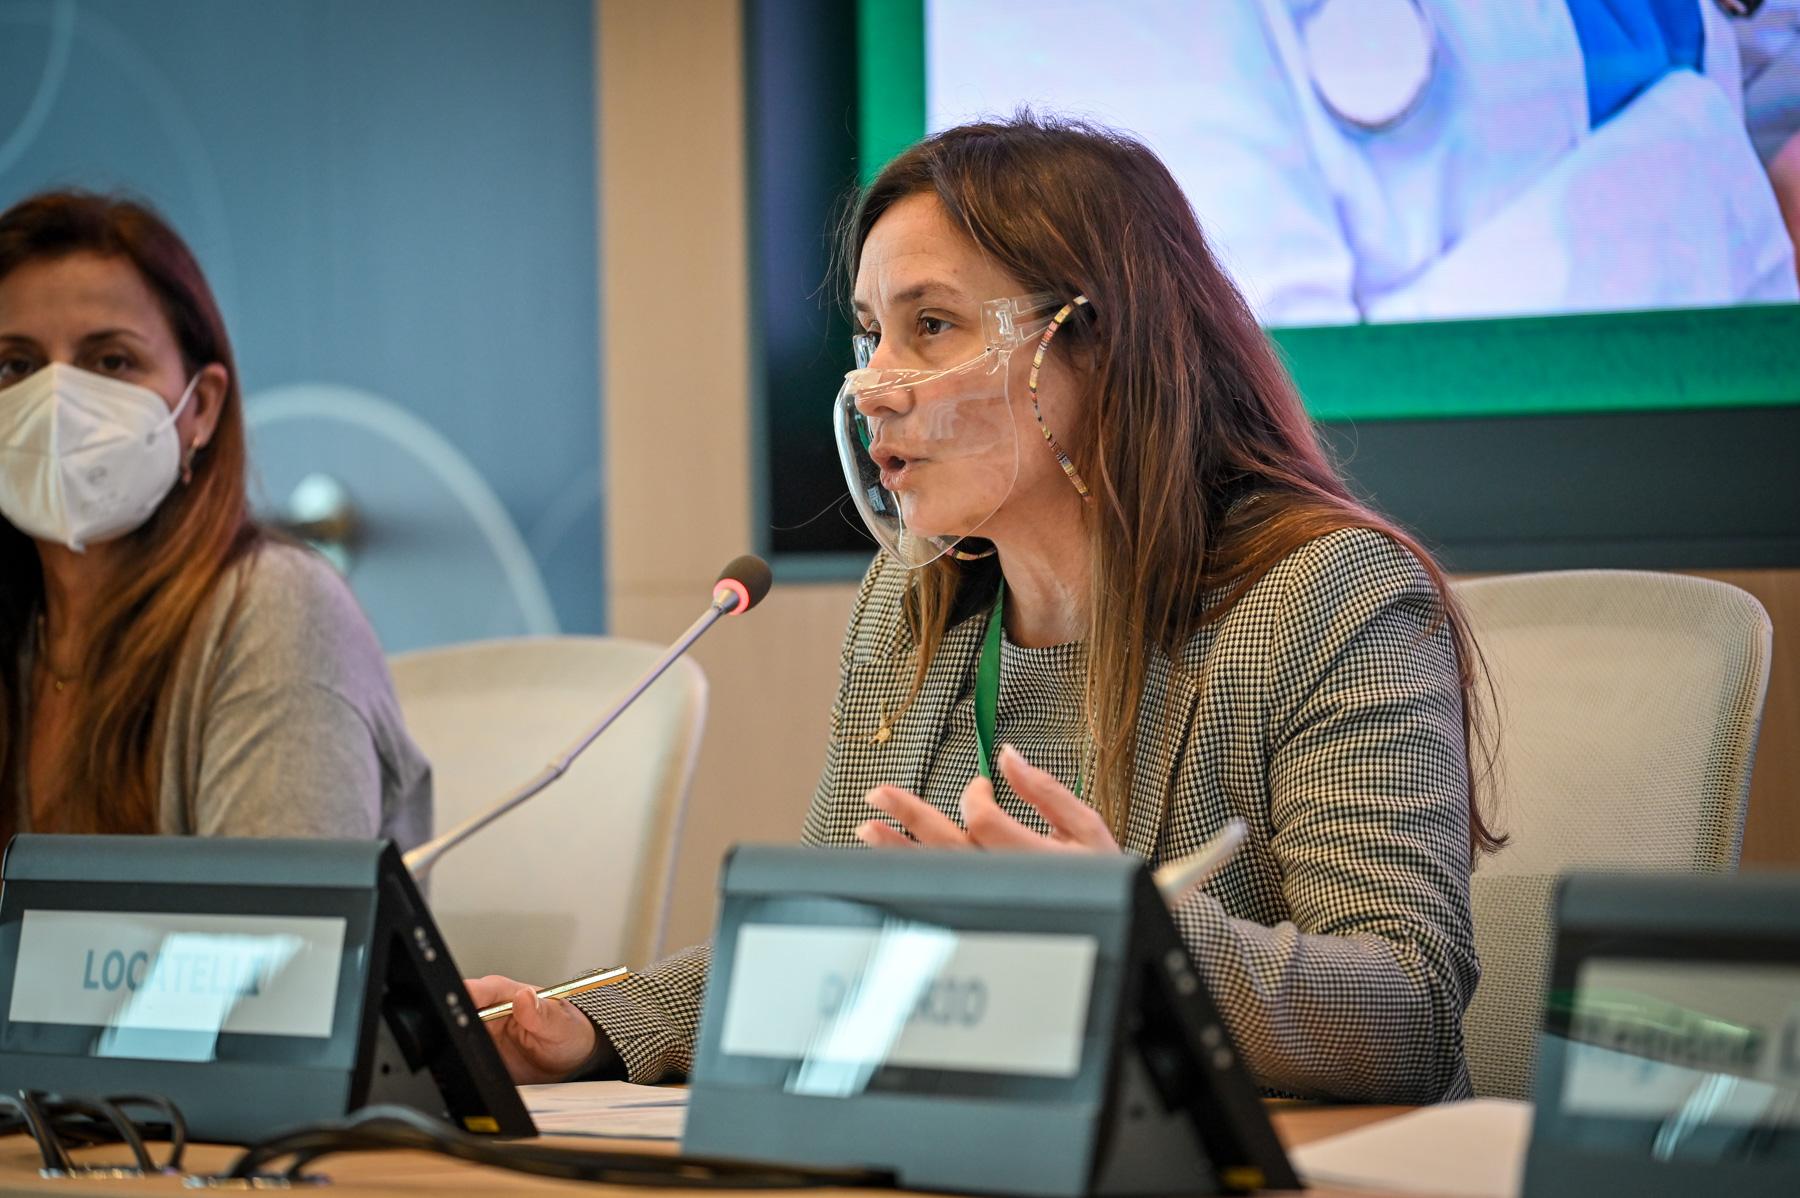 L'assessore Locatelli interviene su #WeThe15